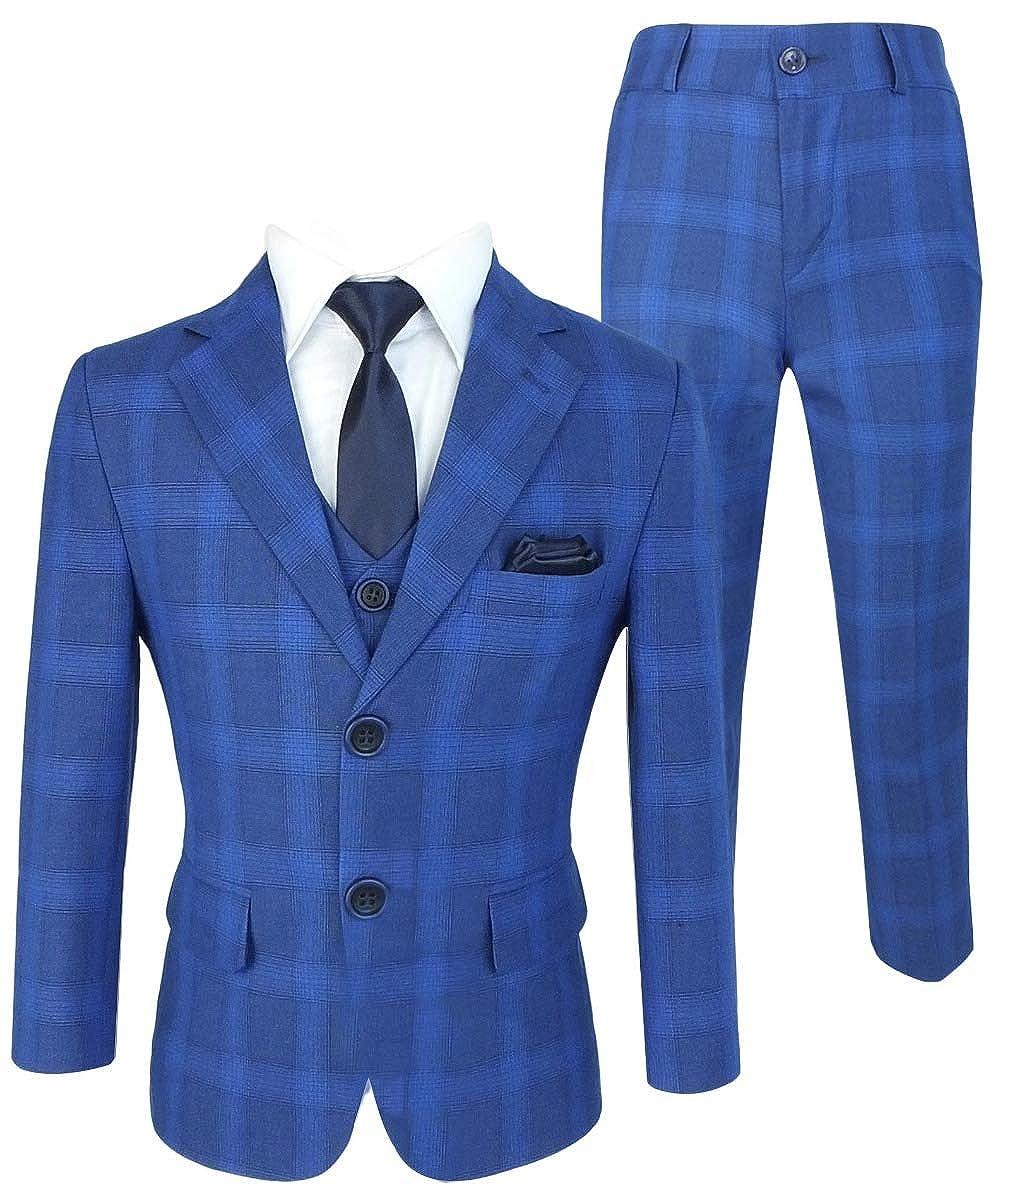 fcc422fea7b3 SIRRI Flamingo Abito Cerimonia Formale a Scacchi Blu per Ragazzi   Amazon.it  Abbigliamento